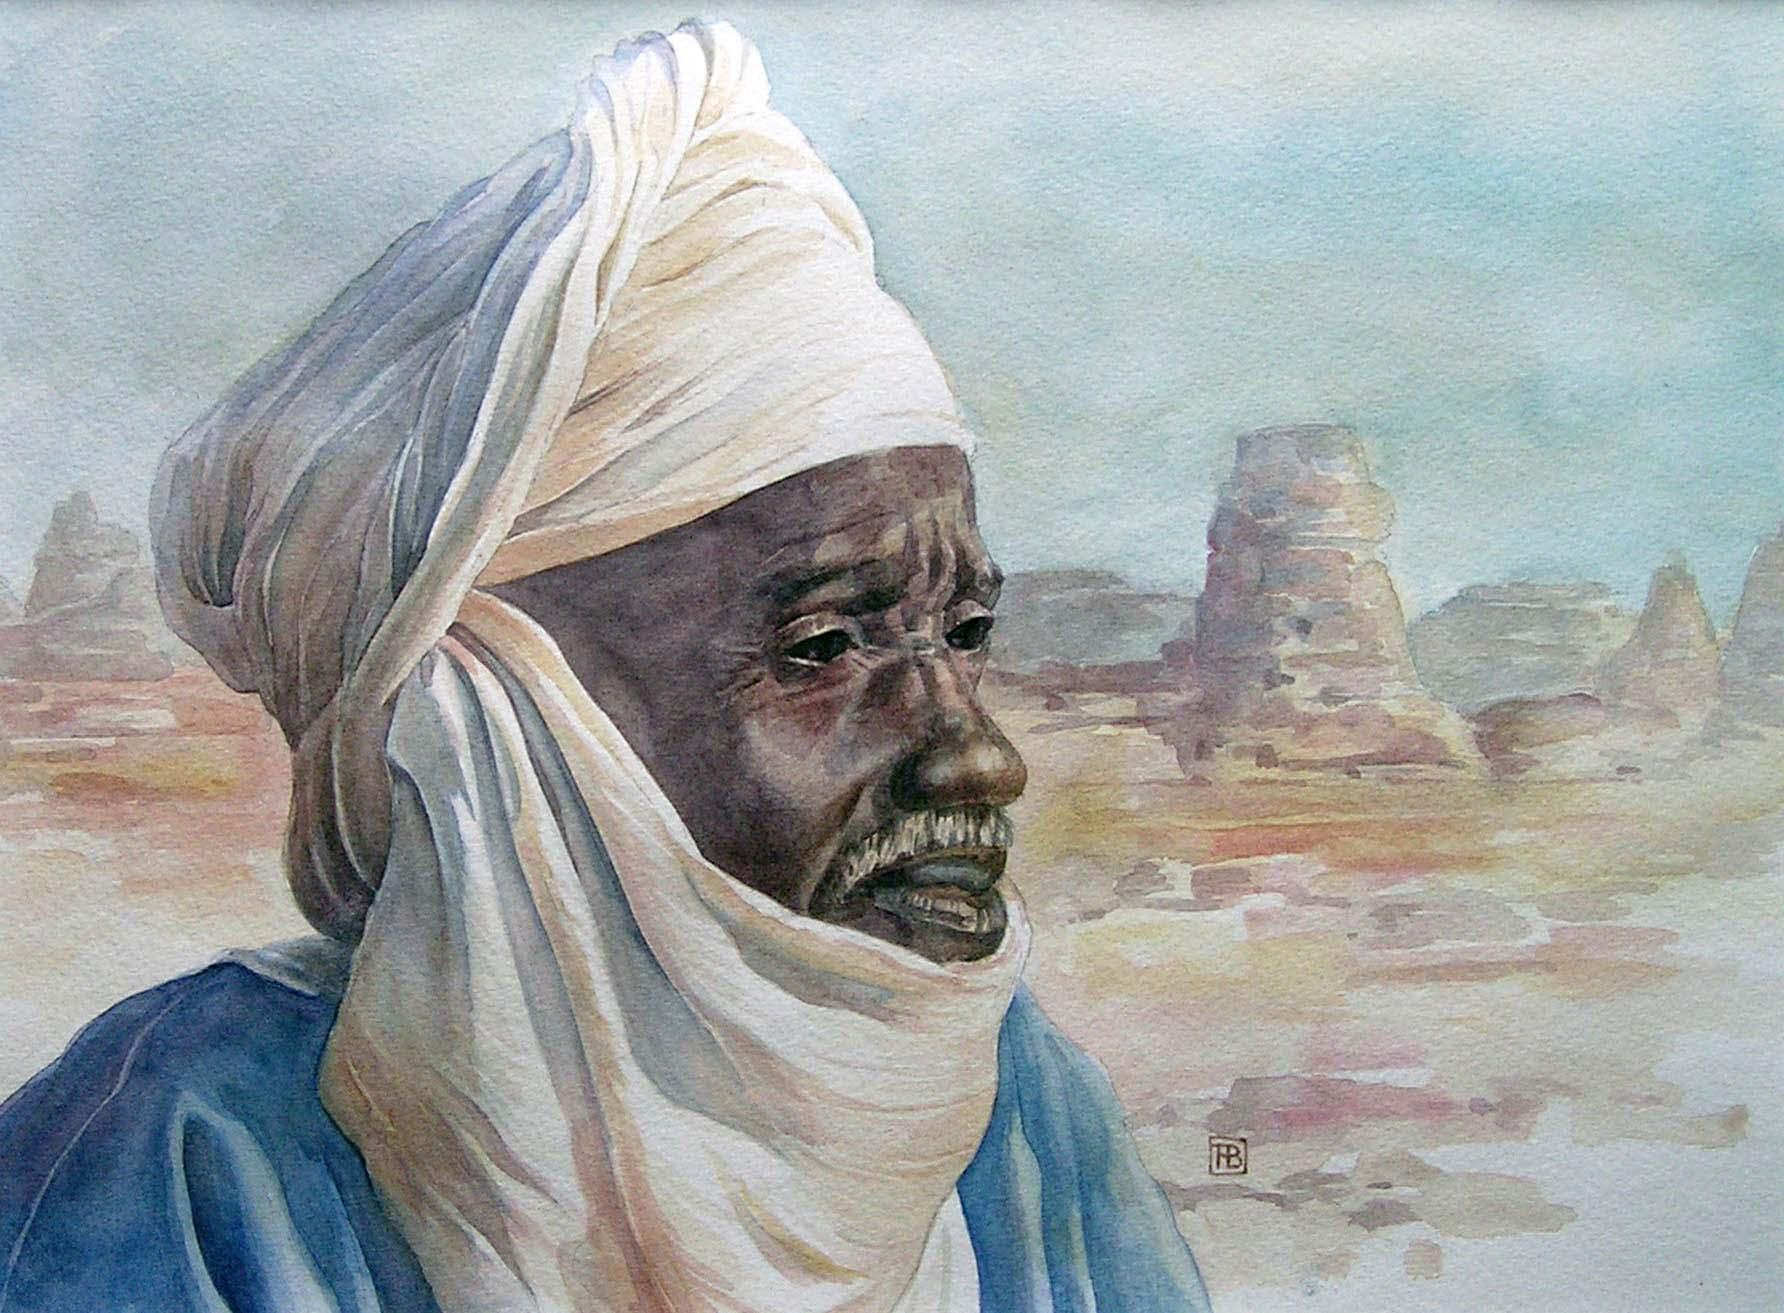 Portret van een Touareg -2 - aquarel - 50 x 40 cm.